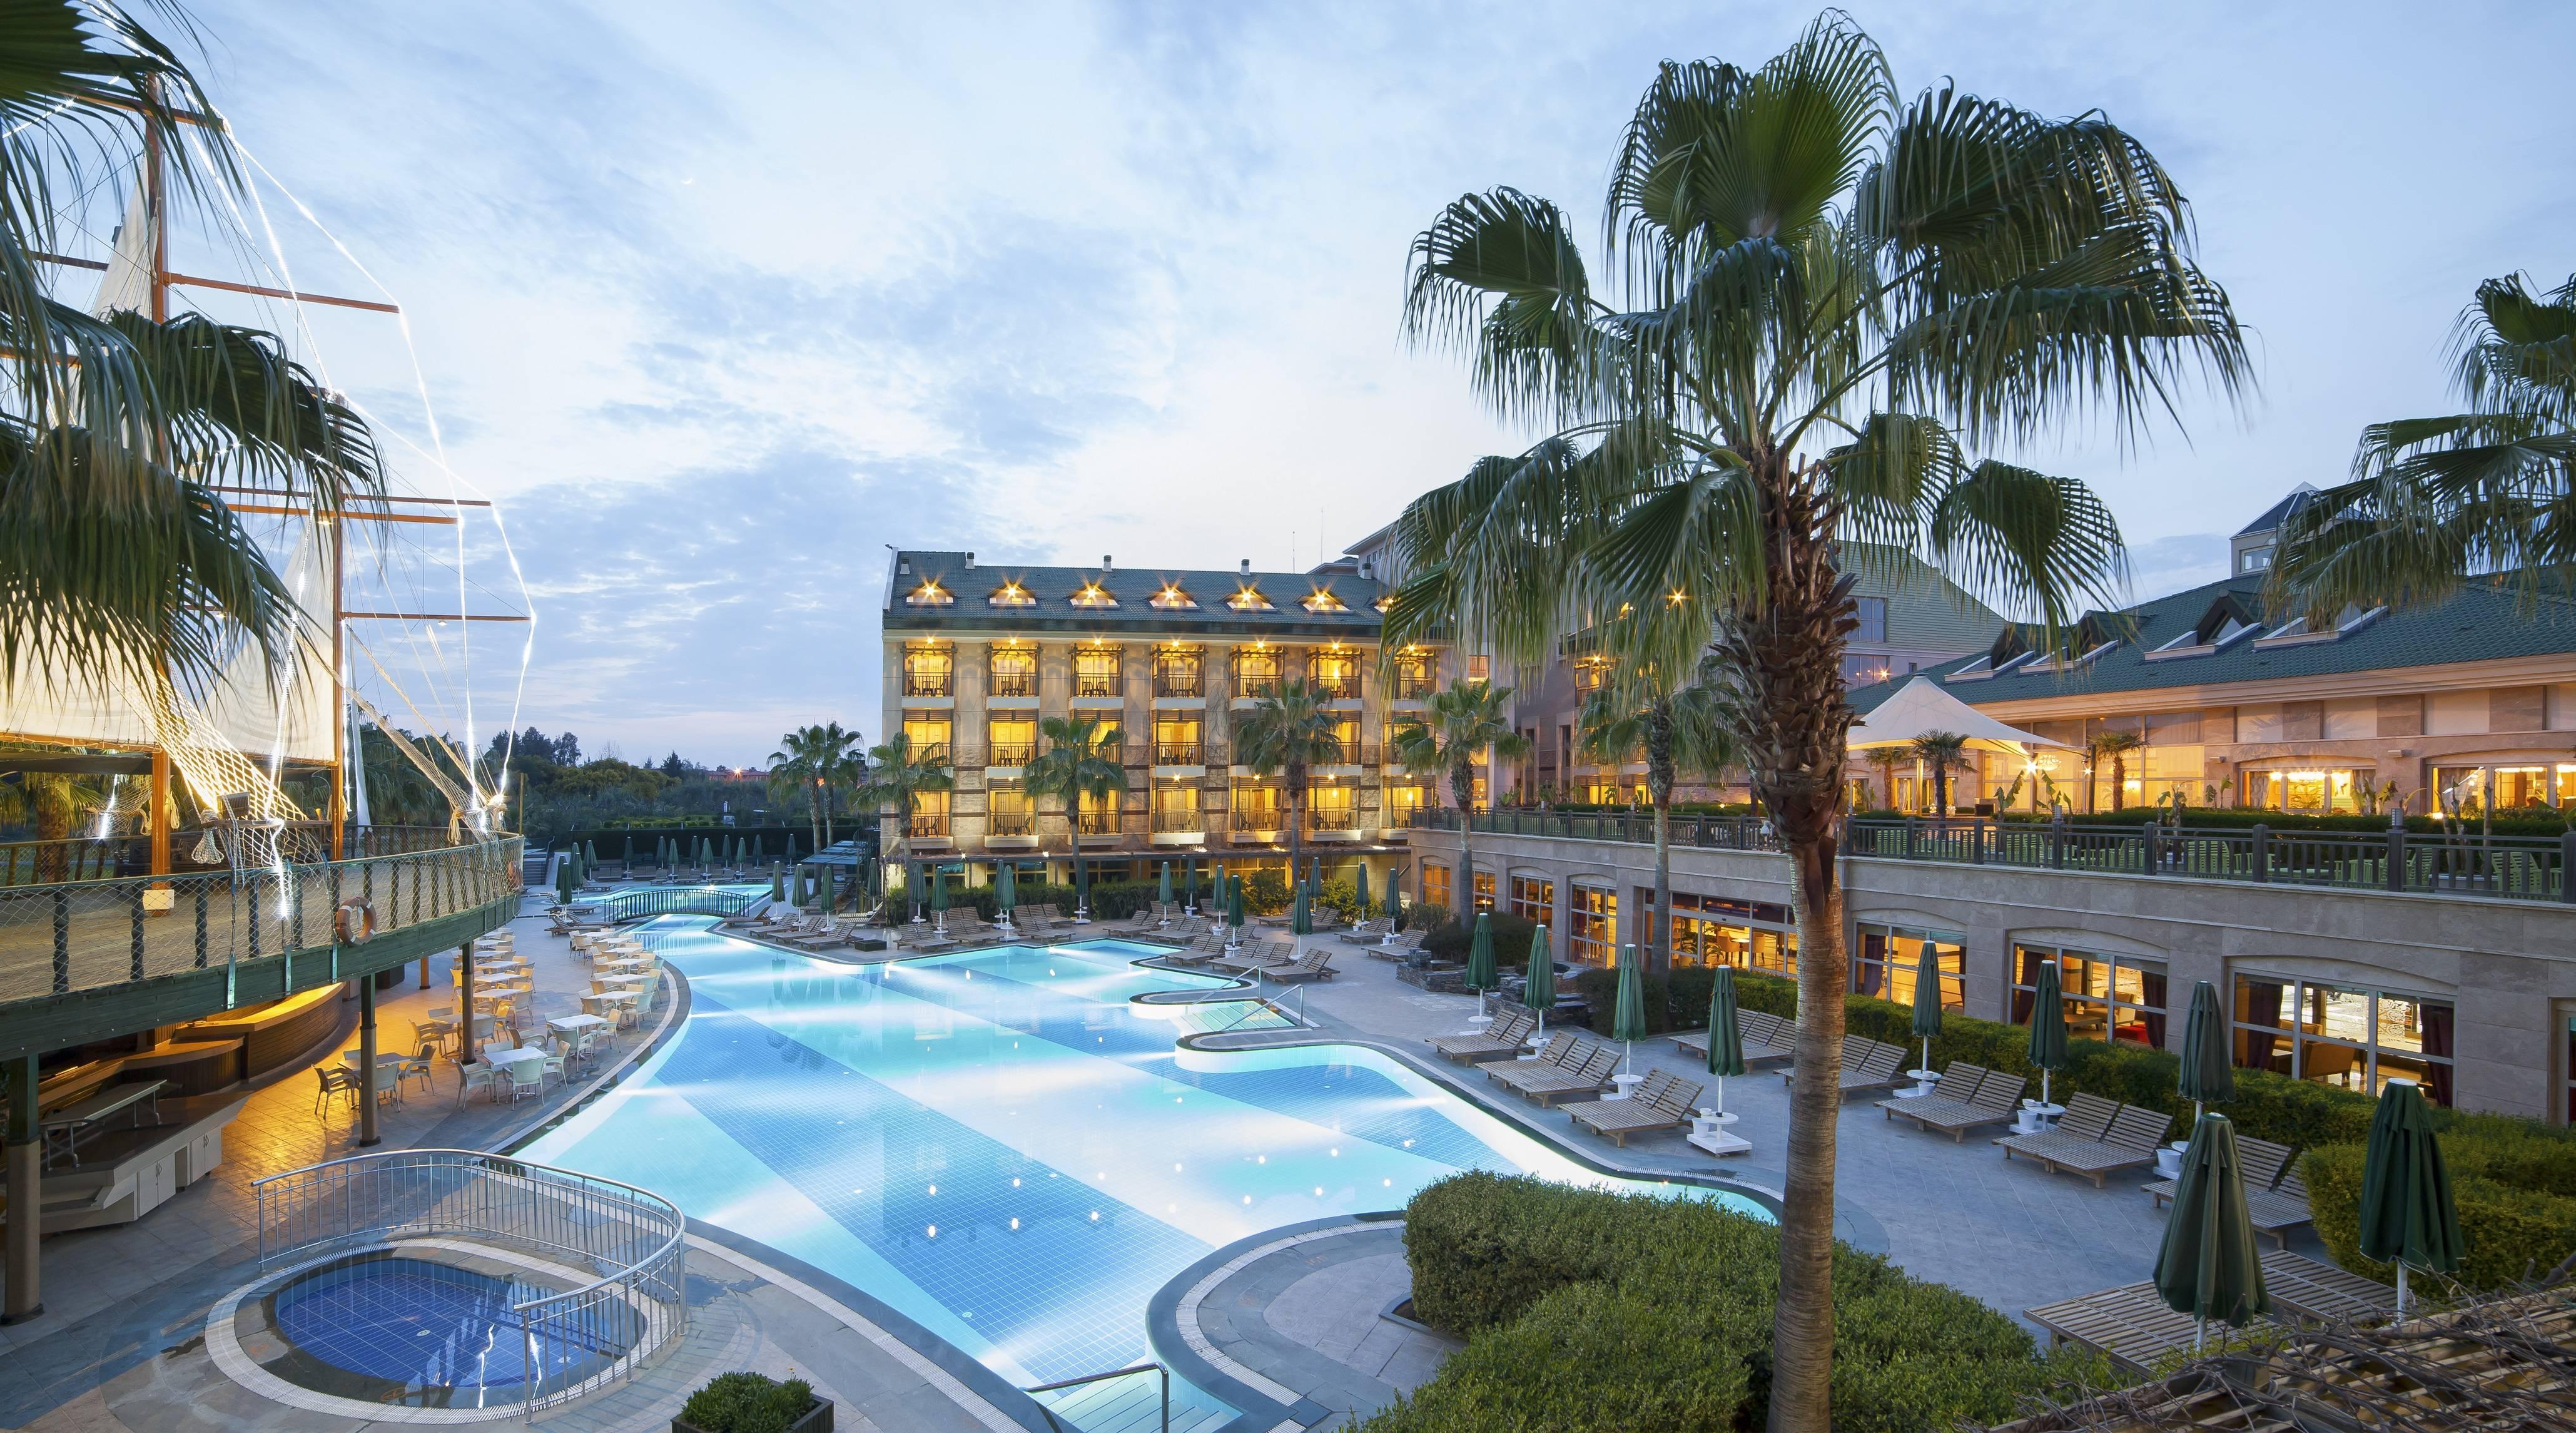 hotel can garden resort in colakli holidaycheck t rkische riviera t rkei. Black Bedroom Furniture Sets. Home Design Ideas